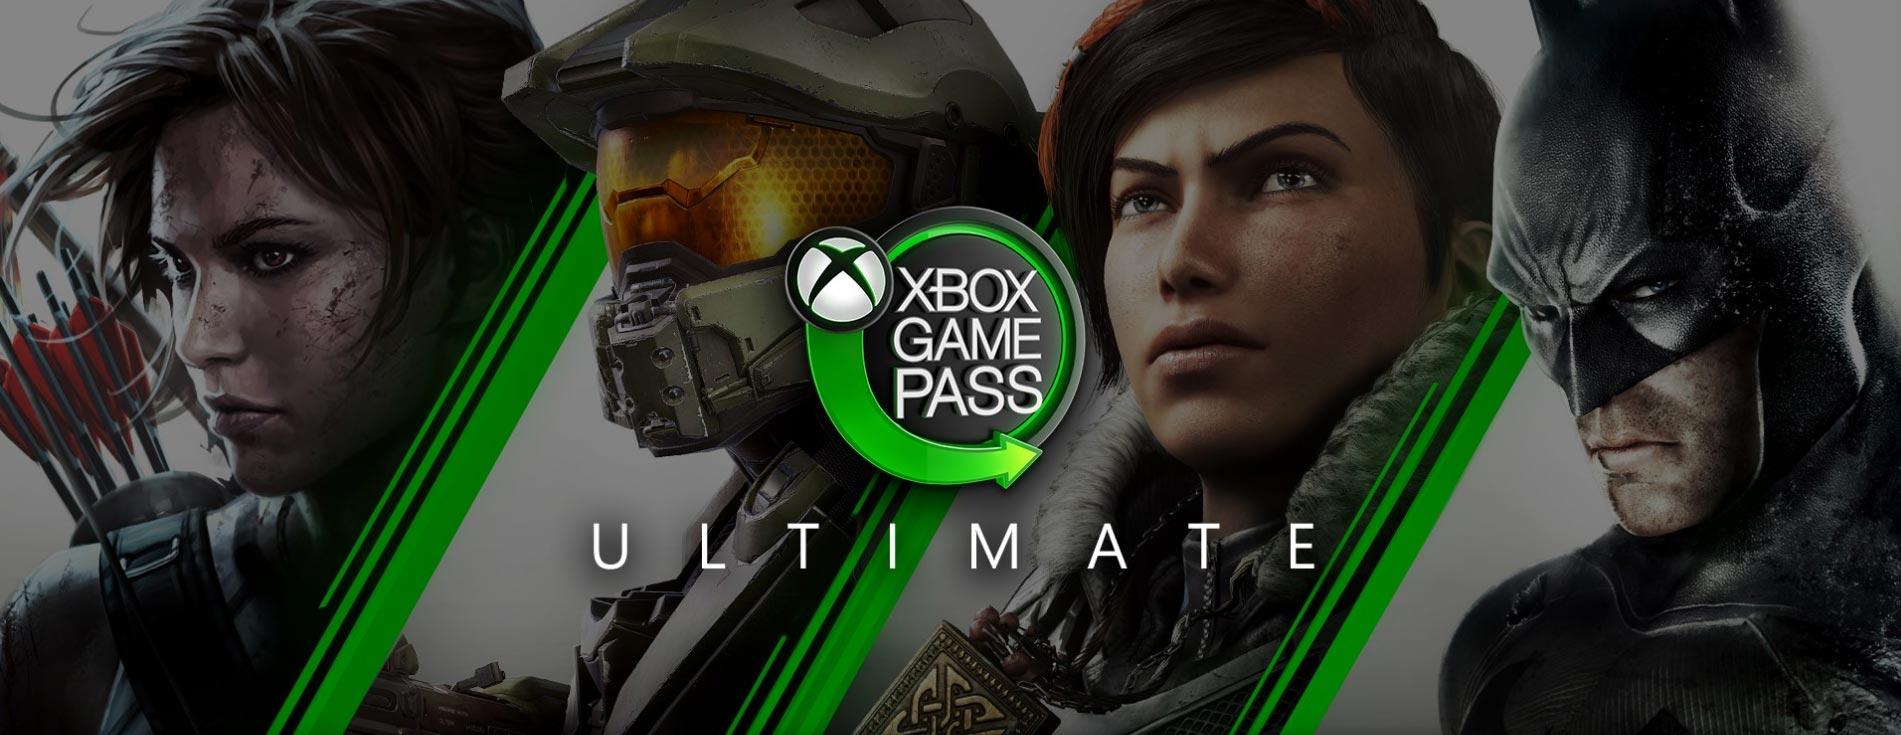 """Znalezione obrazy dla zapytania: xbox game pass ultimate"""""""